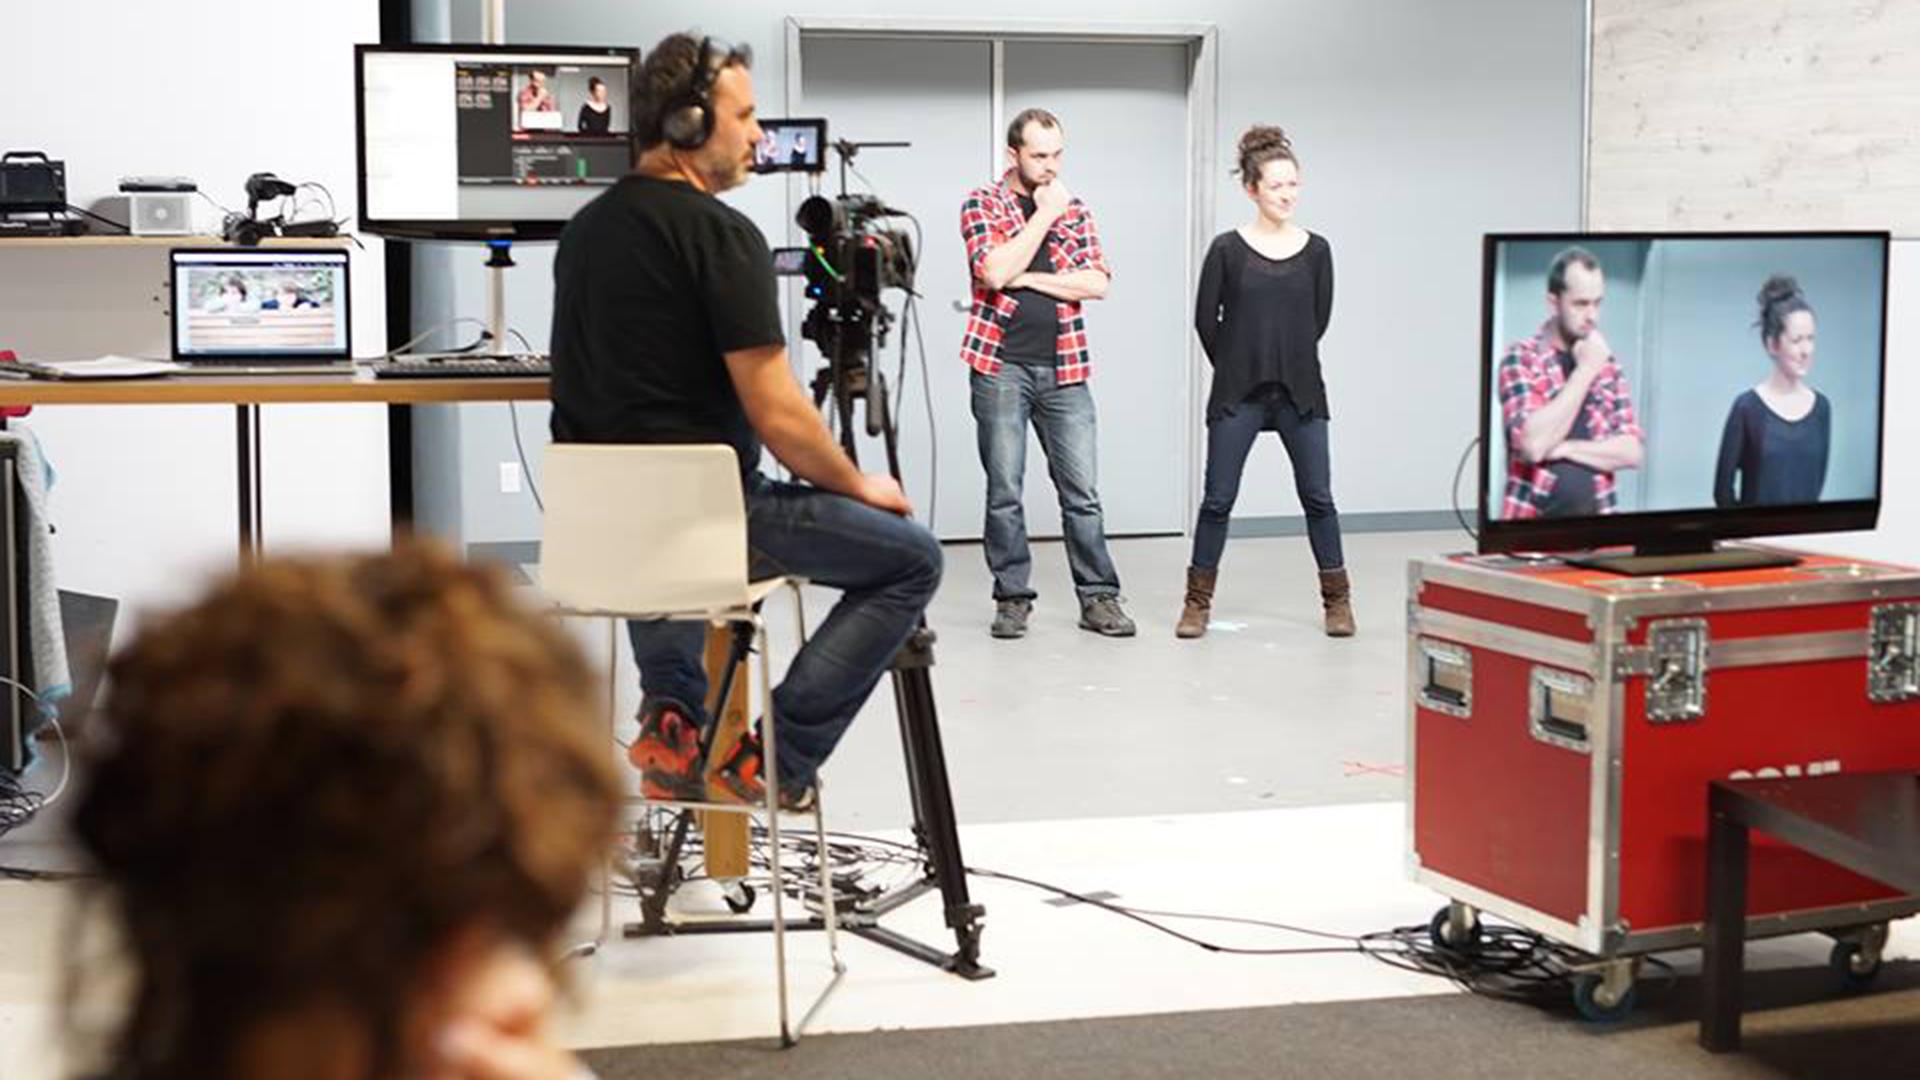 Préparation à une audition pour la publicité